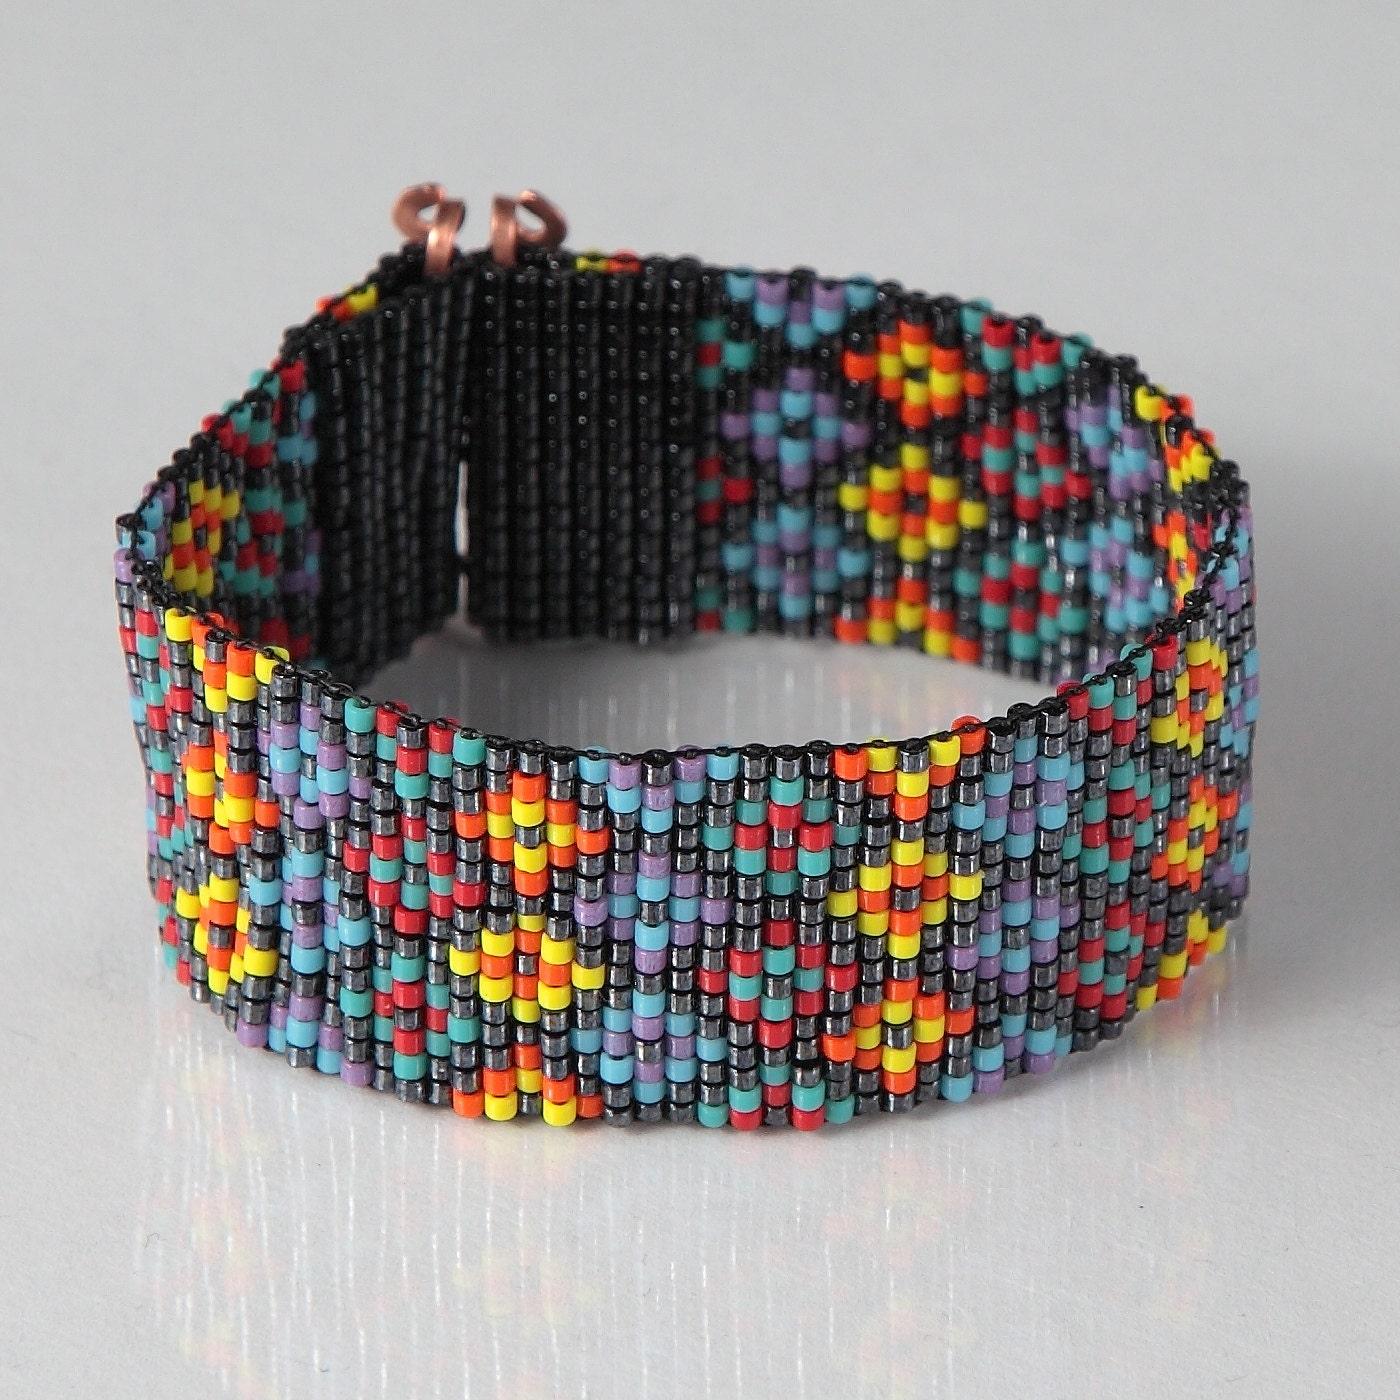 stained glass bead loom bracelet artisanal jewelry